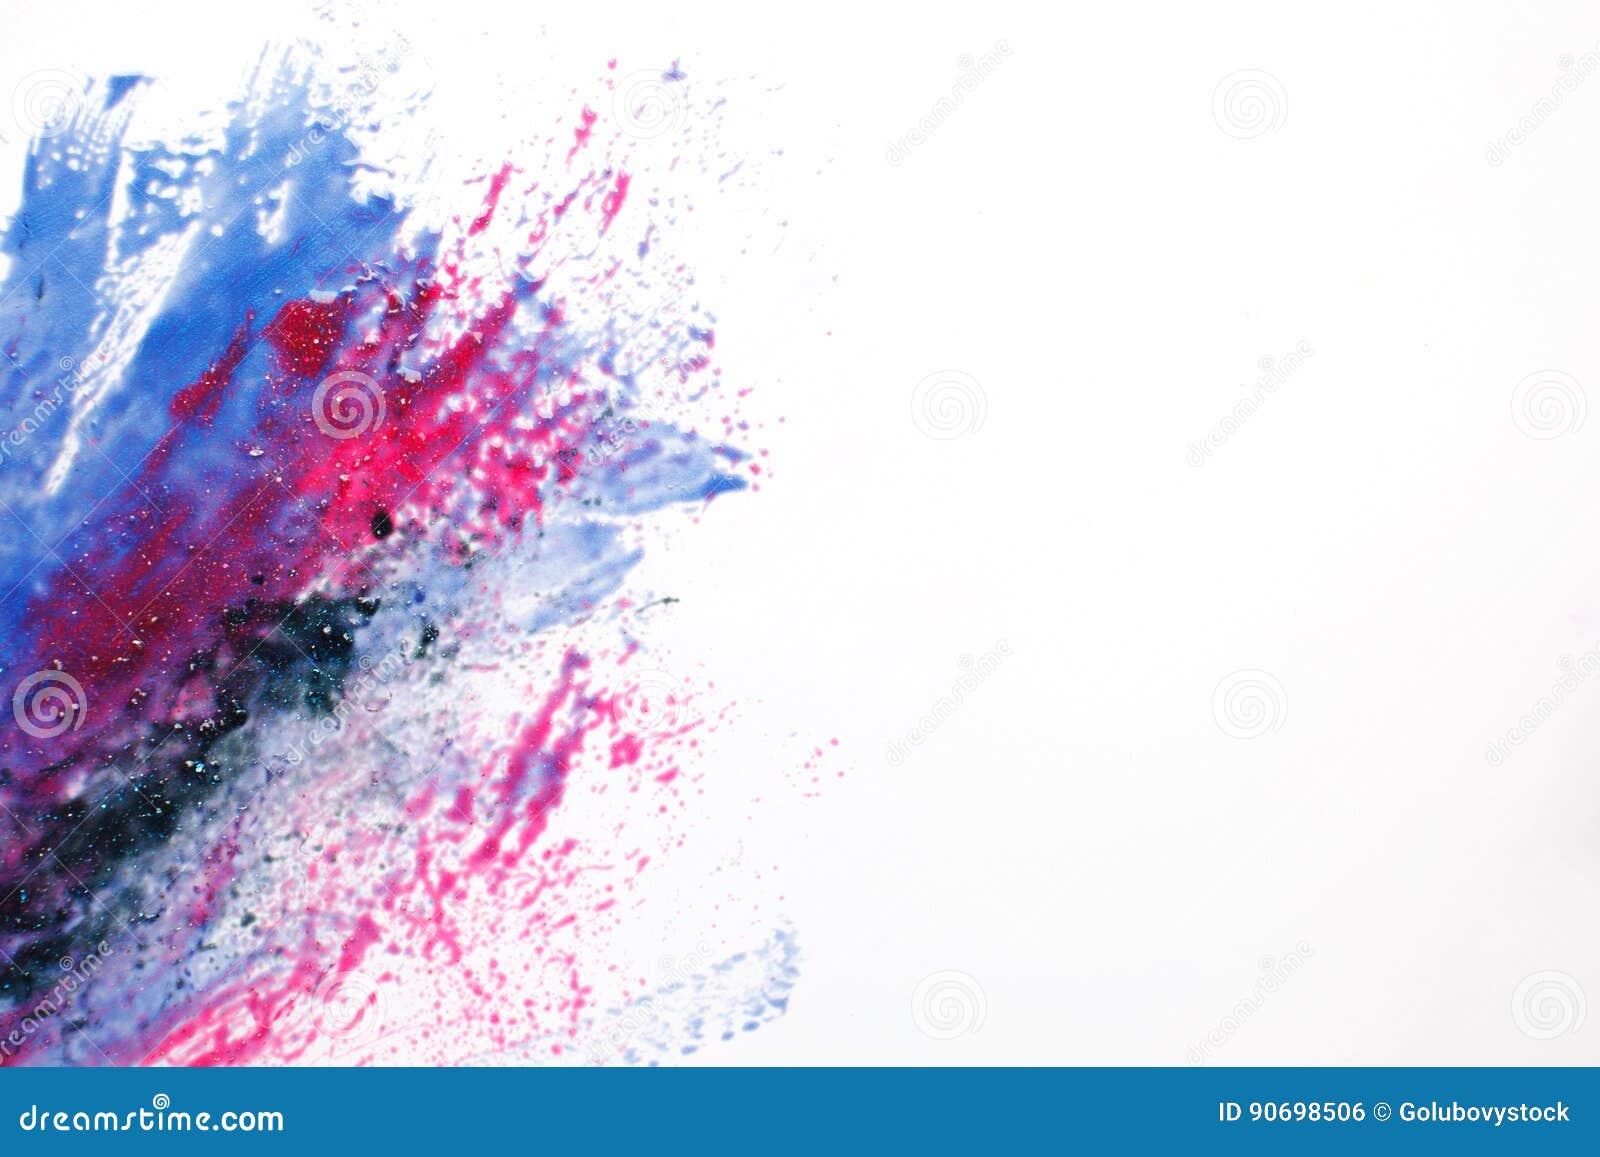 创造性的空间艺术,抽象星系,混杂的颜色